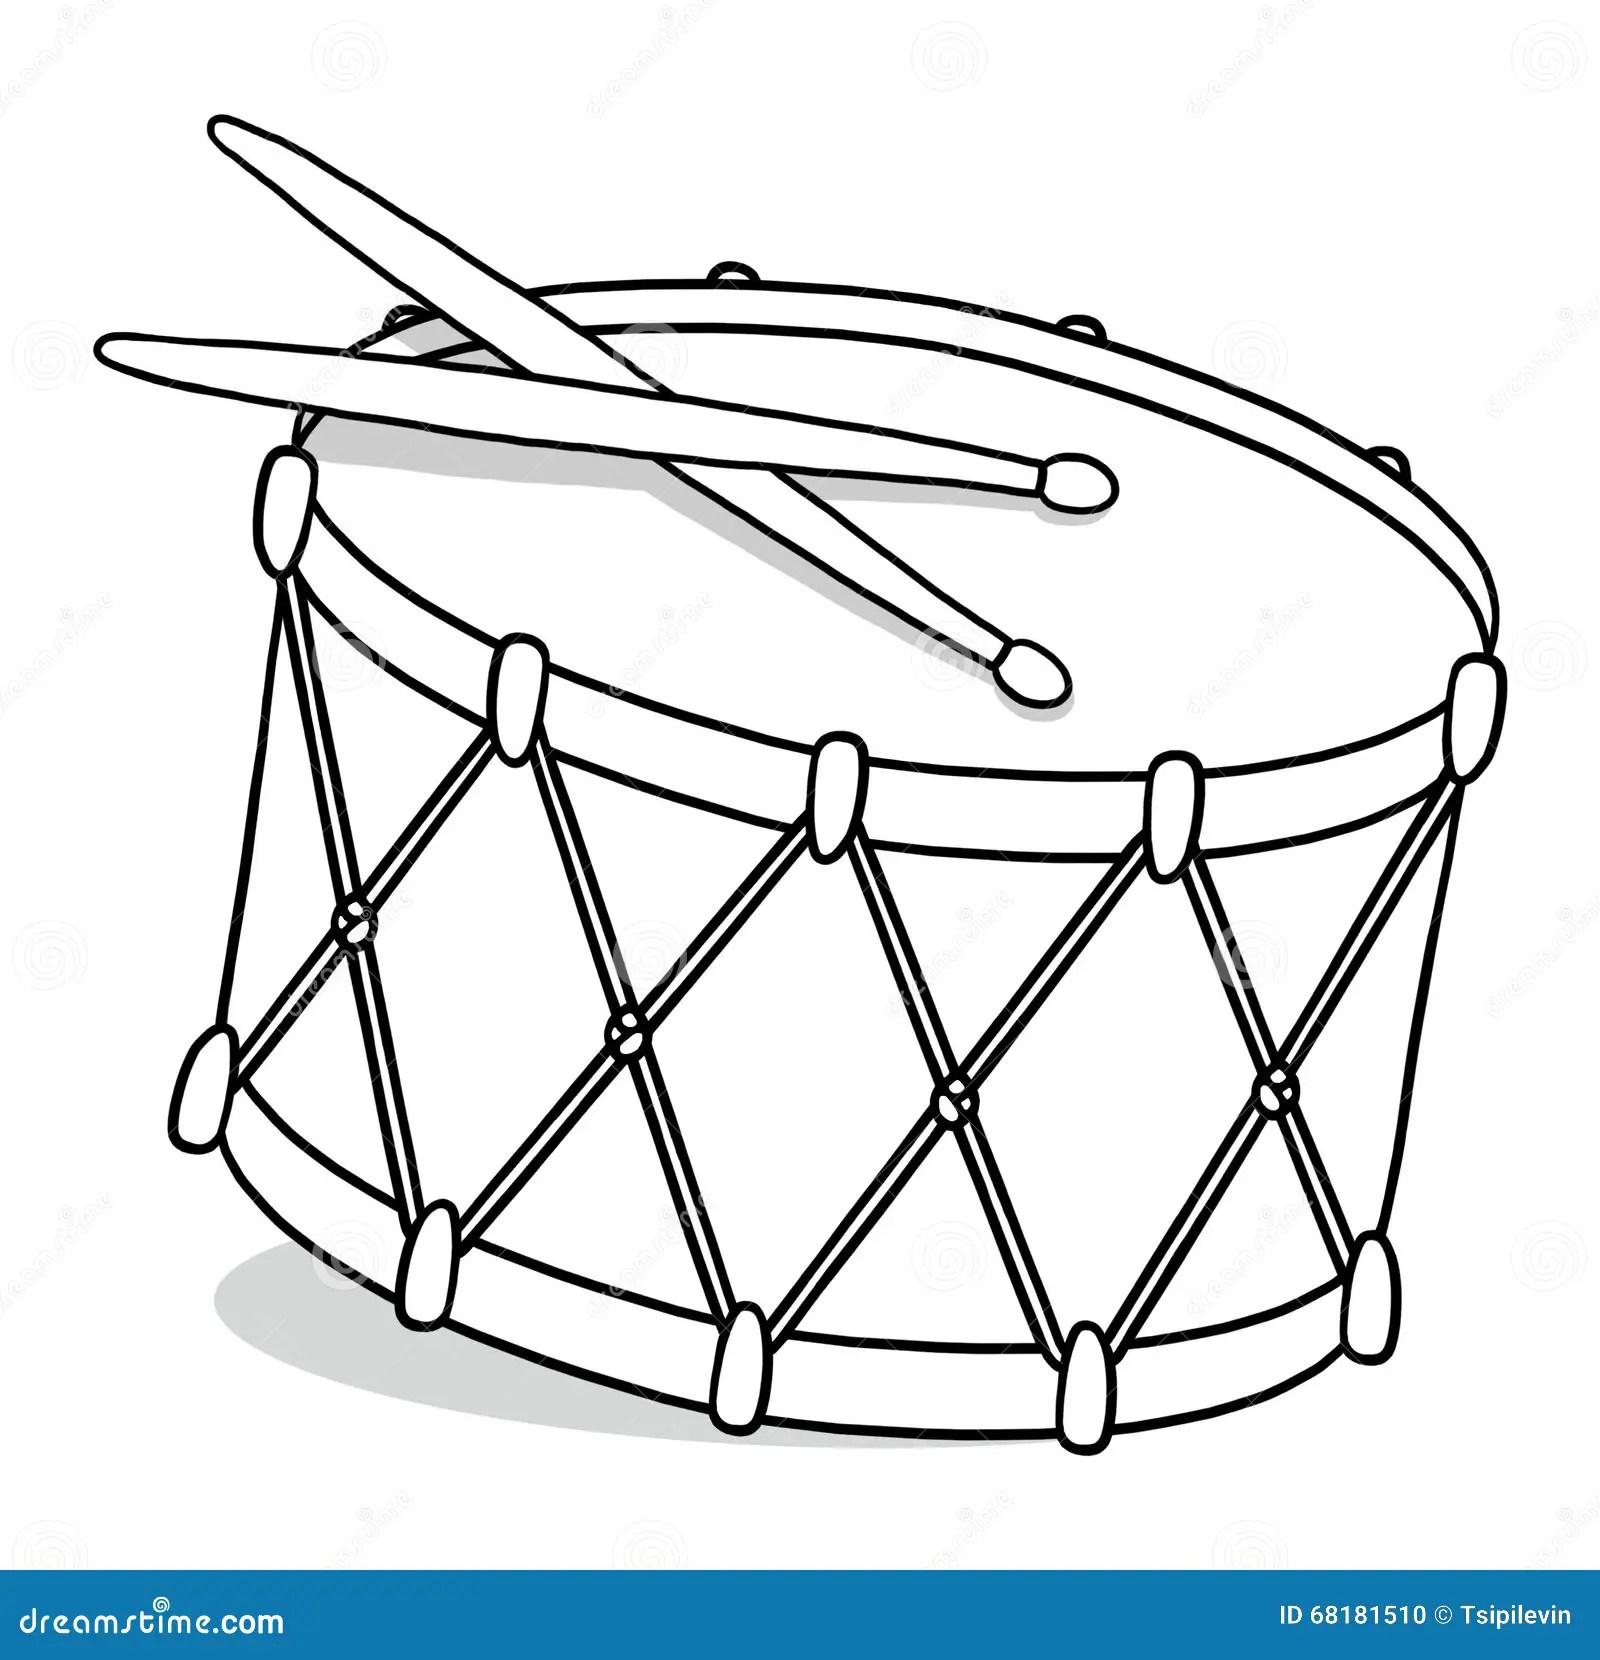 Drum Outline Illustration Royalty Free Illustration